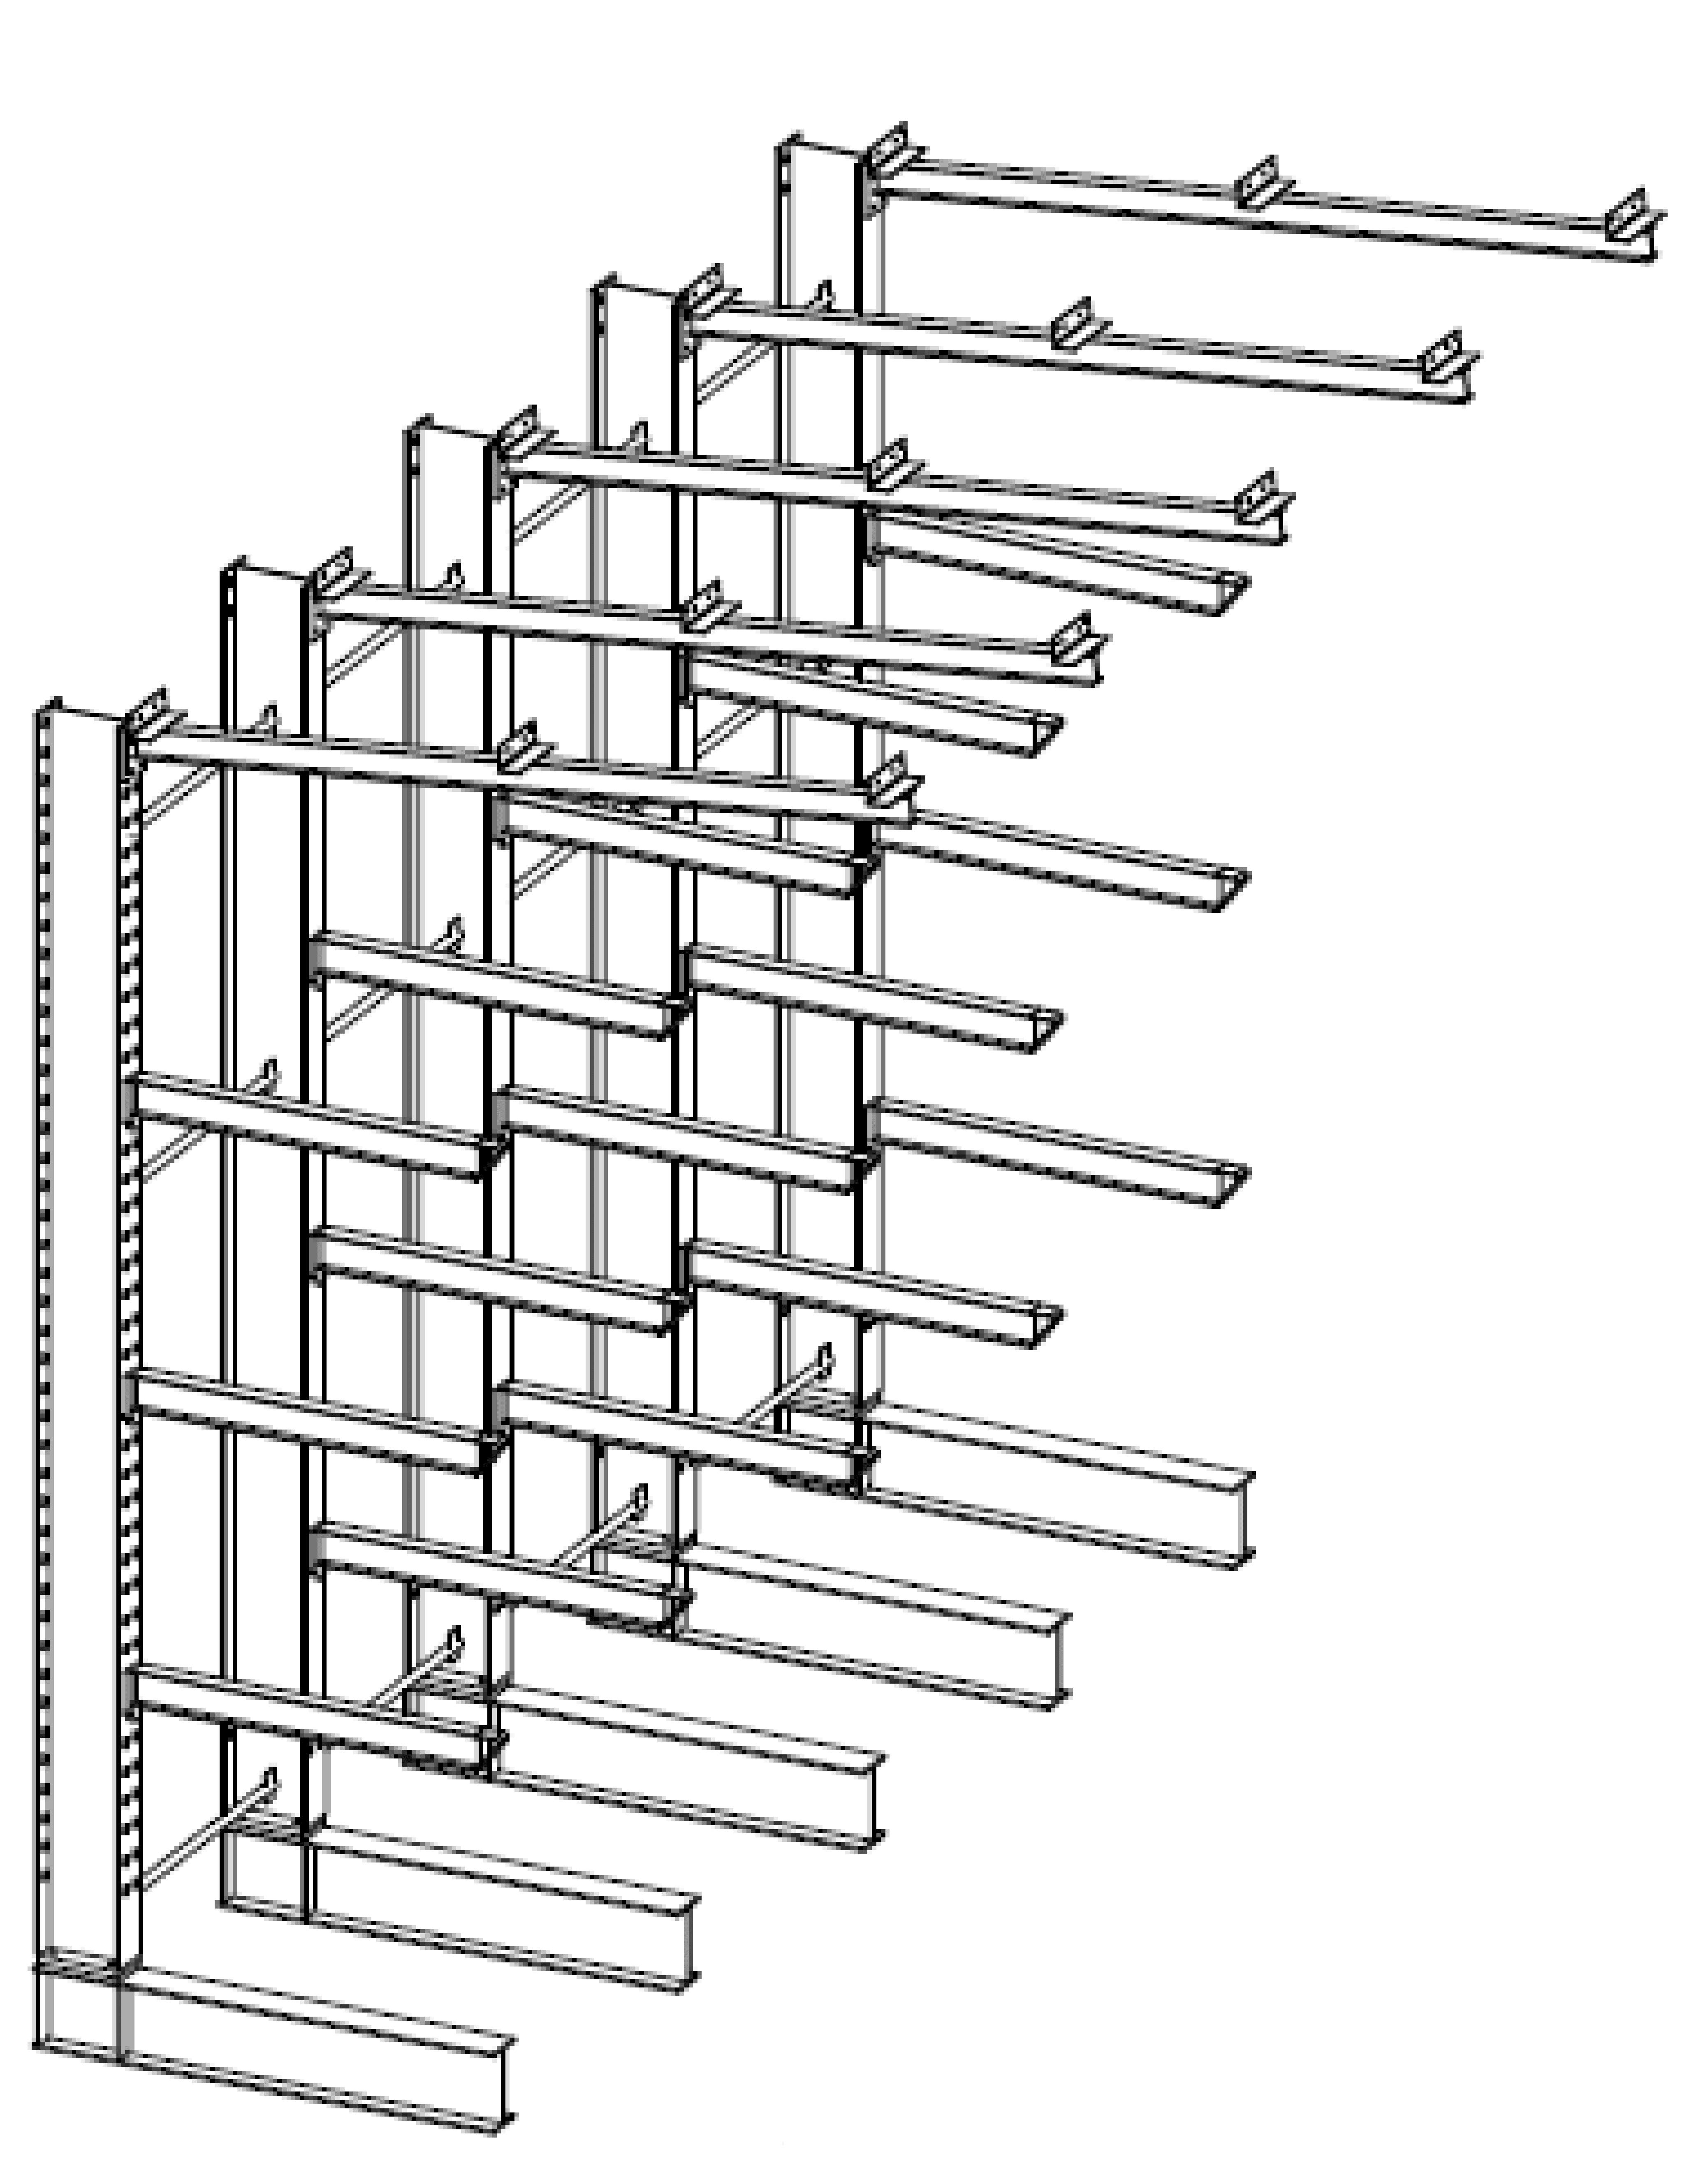 Enkelzijdige volbad verzinkte draagarmstelling met dakarmen voor buiten en met 4 niveaus van 1.200 mm diep.